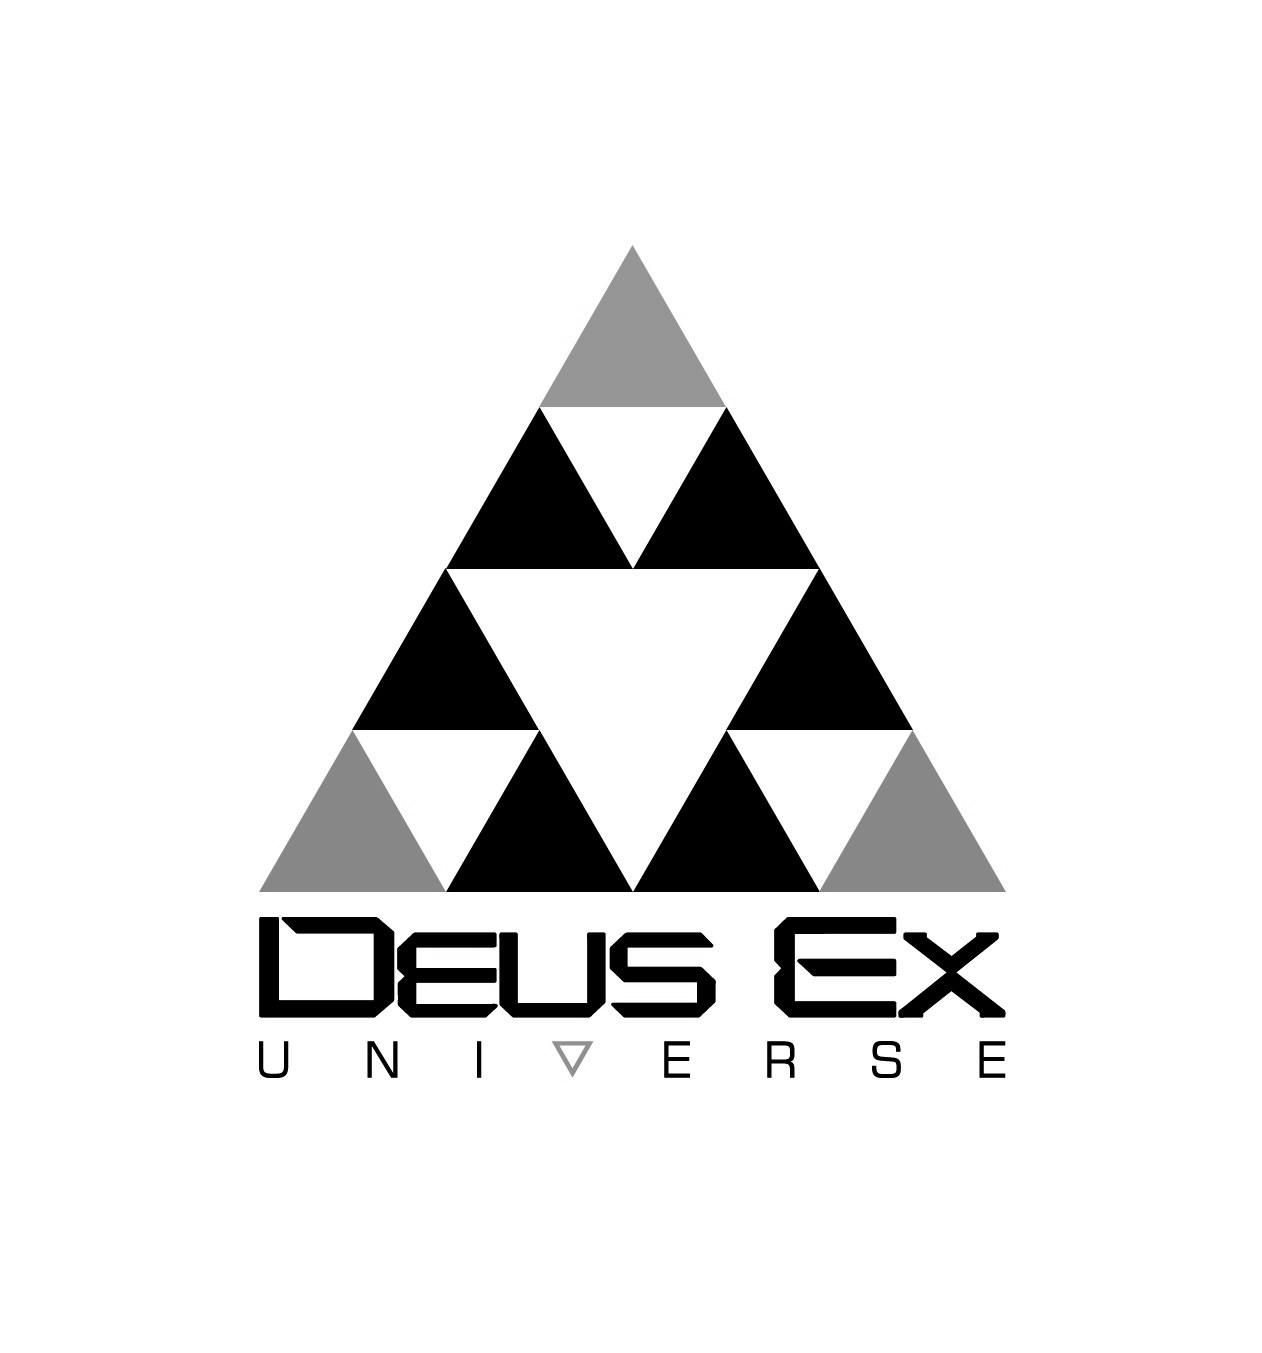 deus_ex_universe_logo